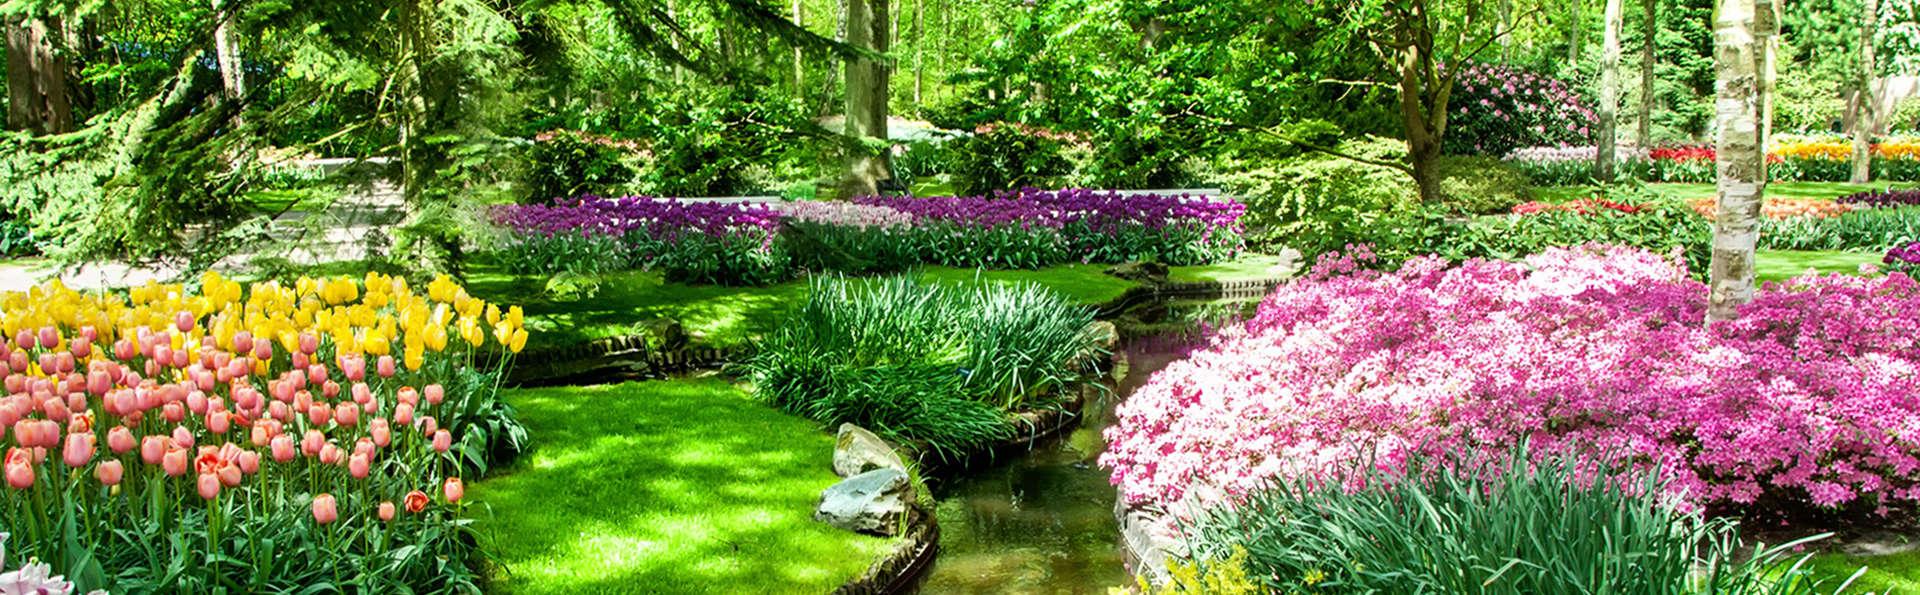 Profitez de la beauté des fleurs au Keukenhof et d'un hôtel de luxe 5* à Noordwijk